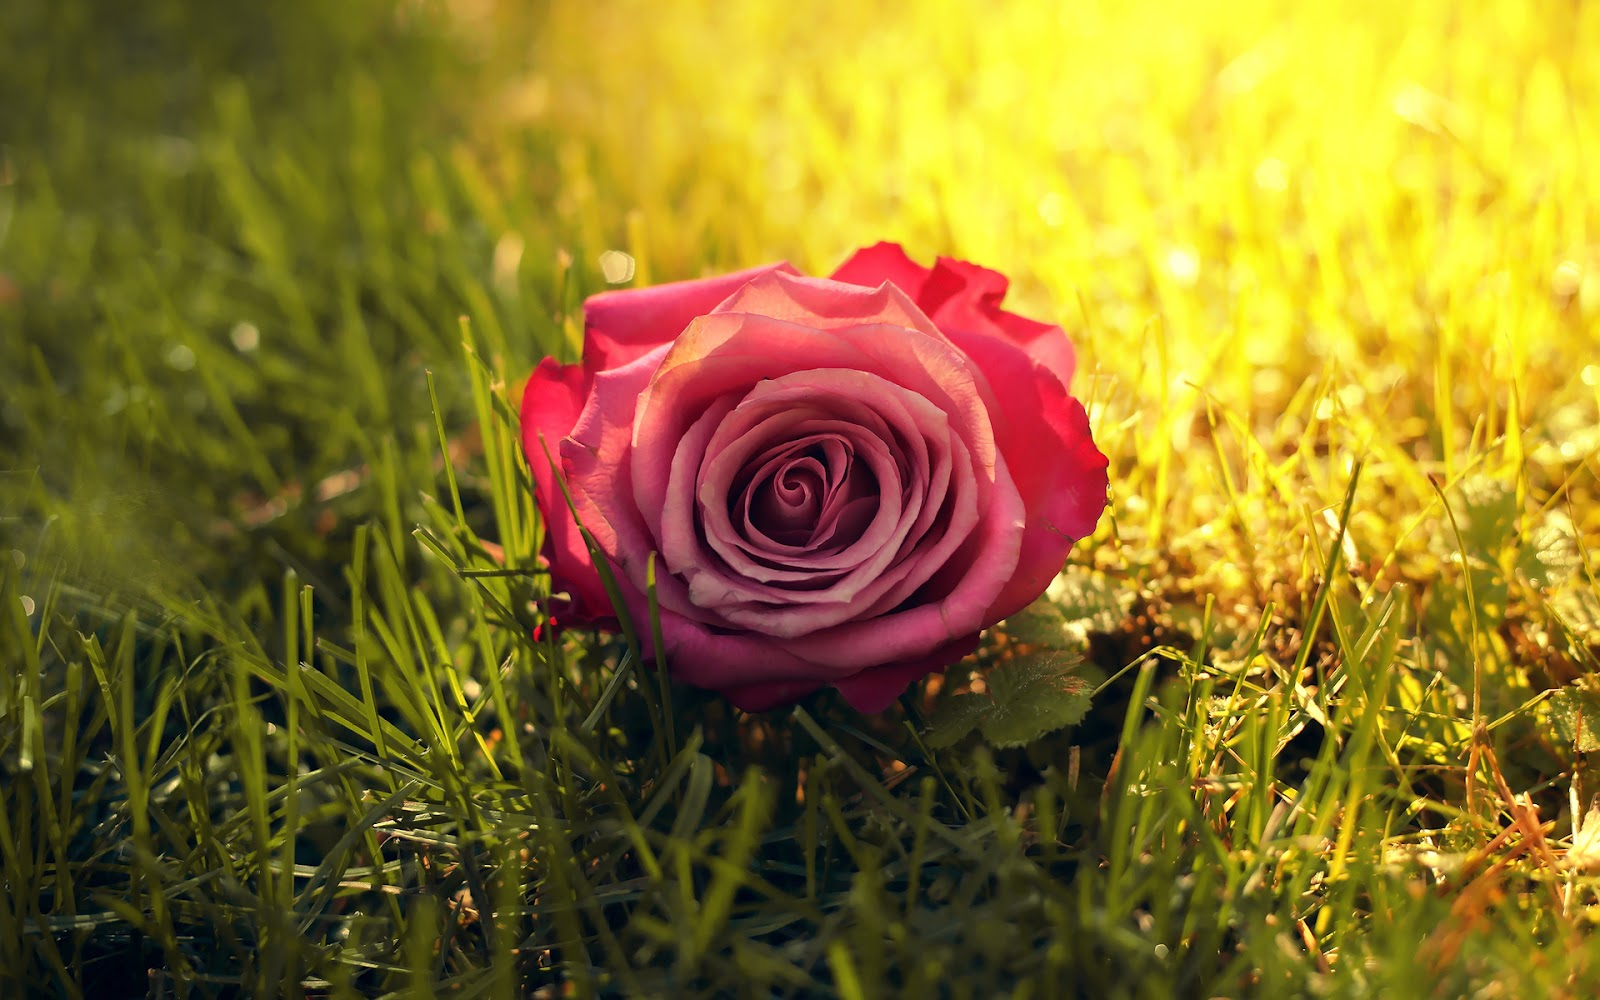 Imagenes De Flores De Rosas - Imágenes de Rosas de Amor Imágenes de Amor